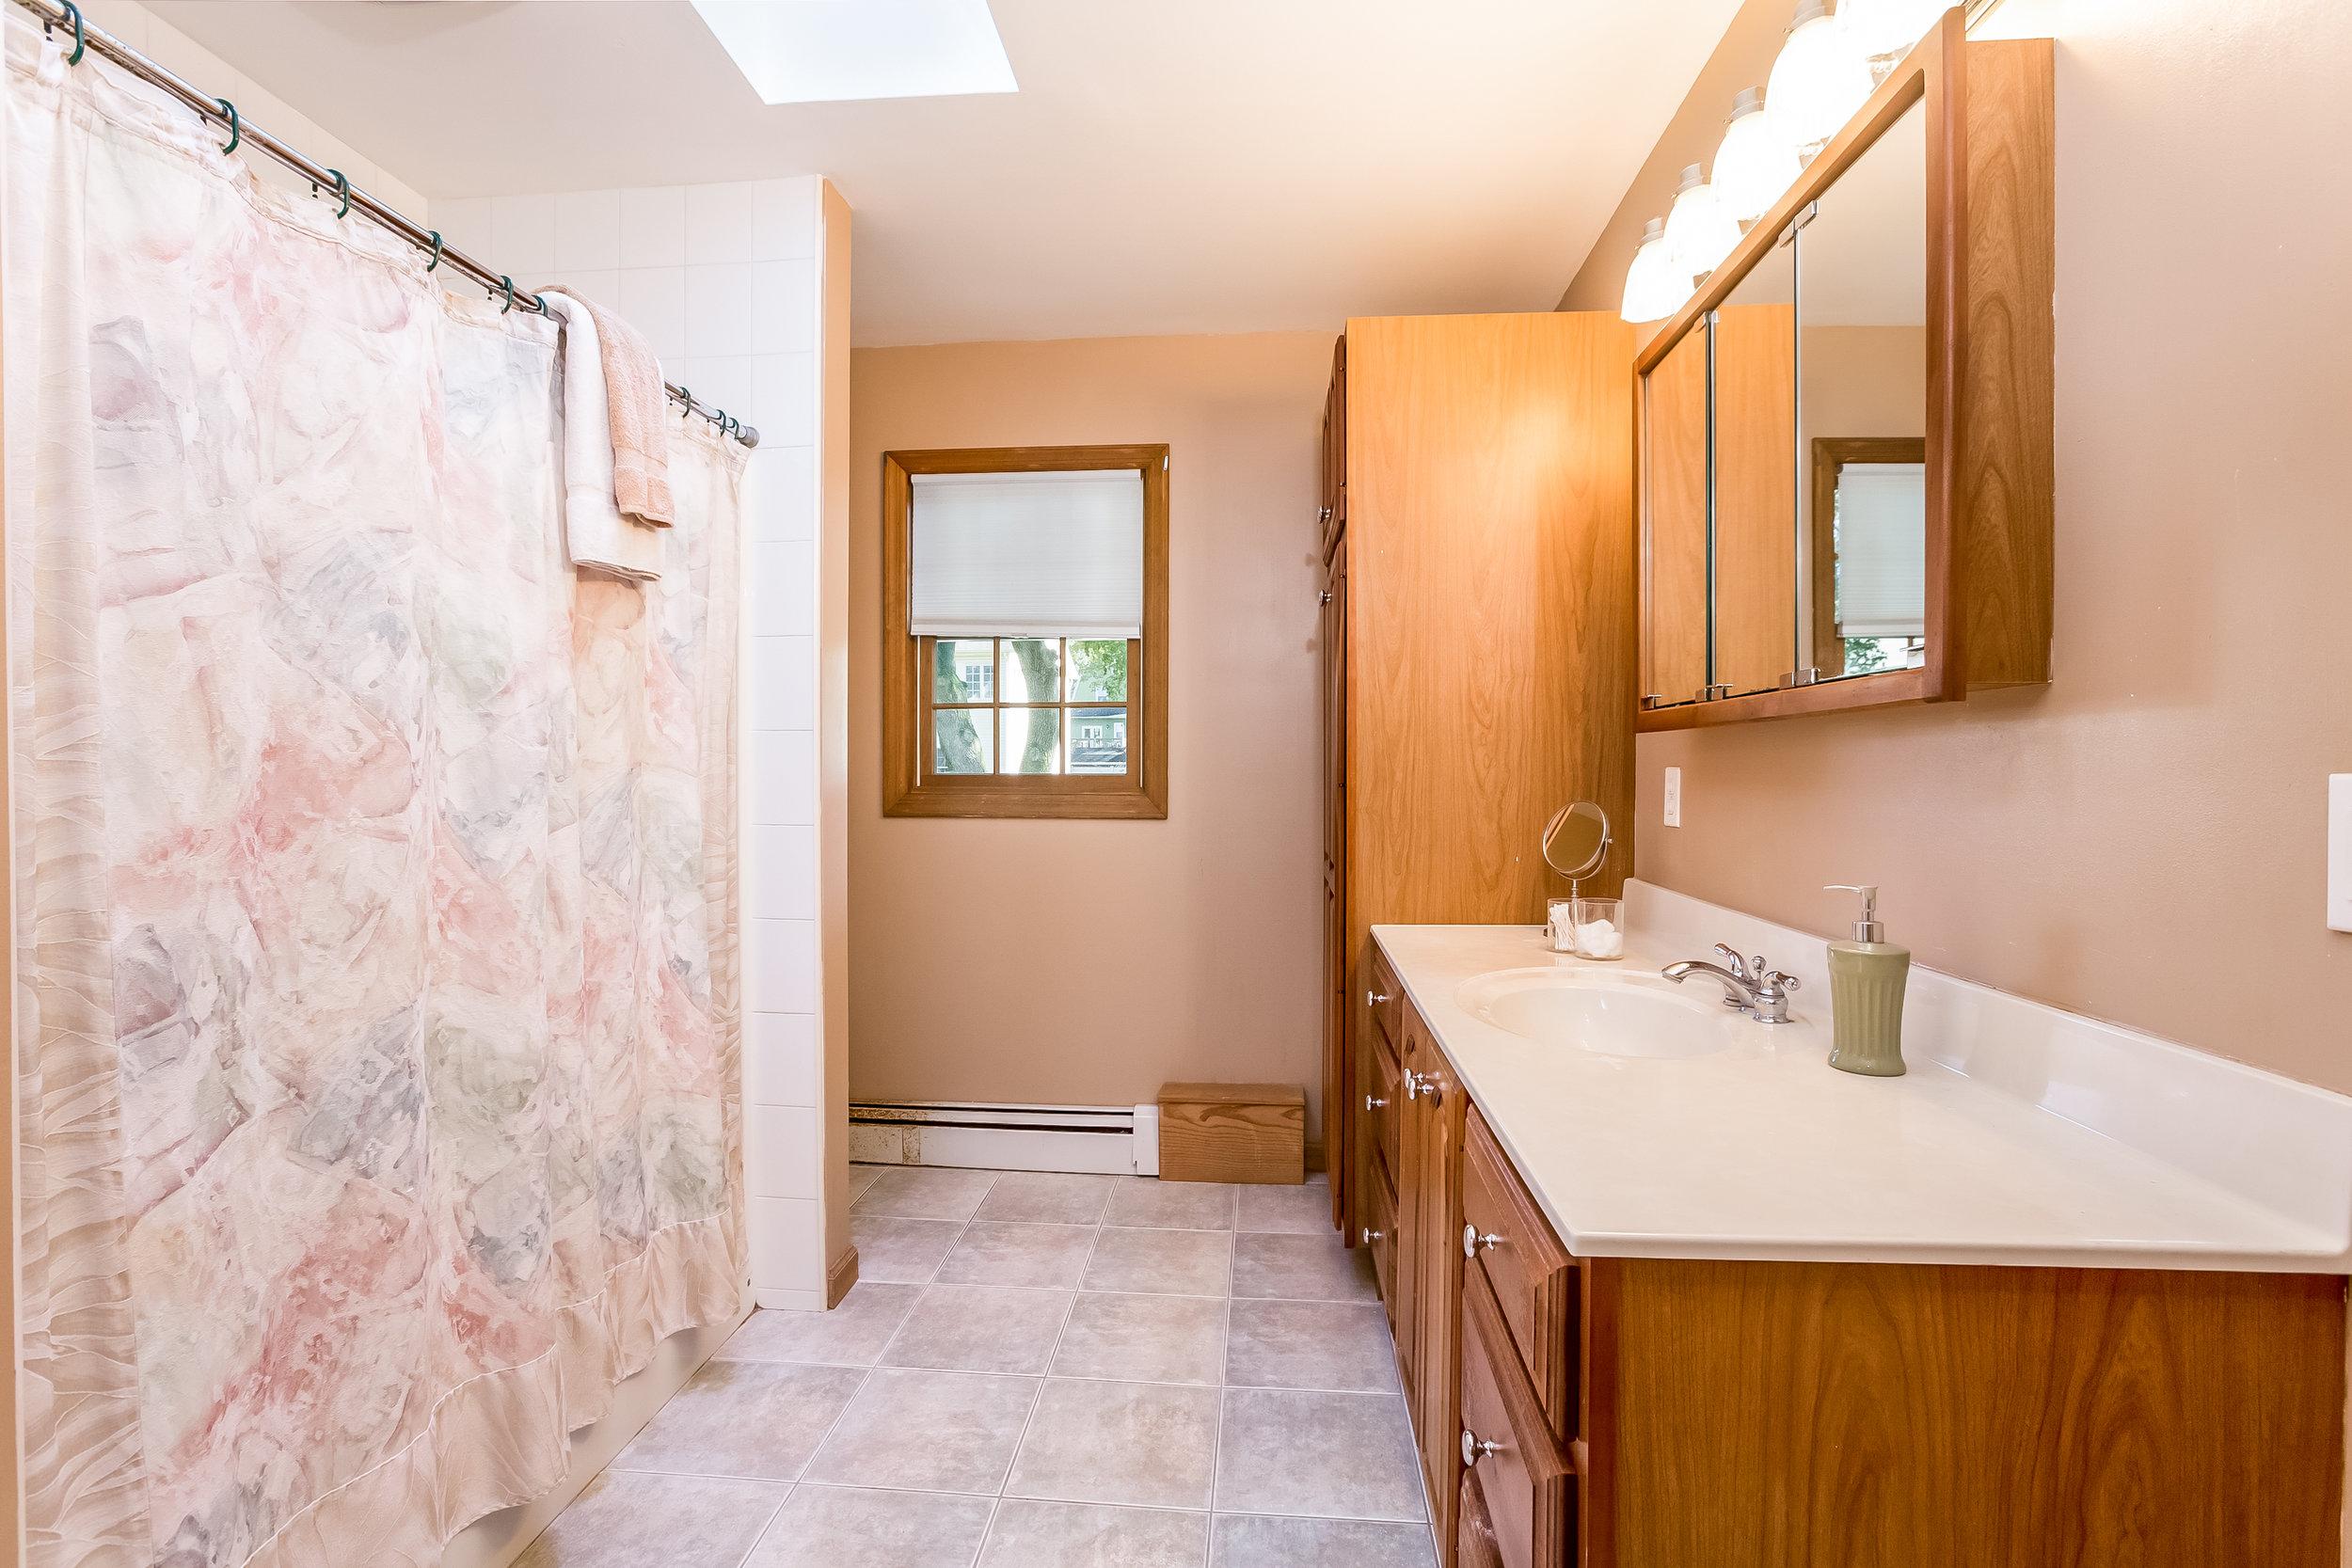 032-Master_Bathroom-5002161-large.jpg